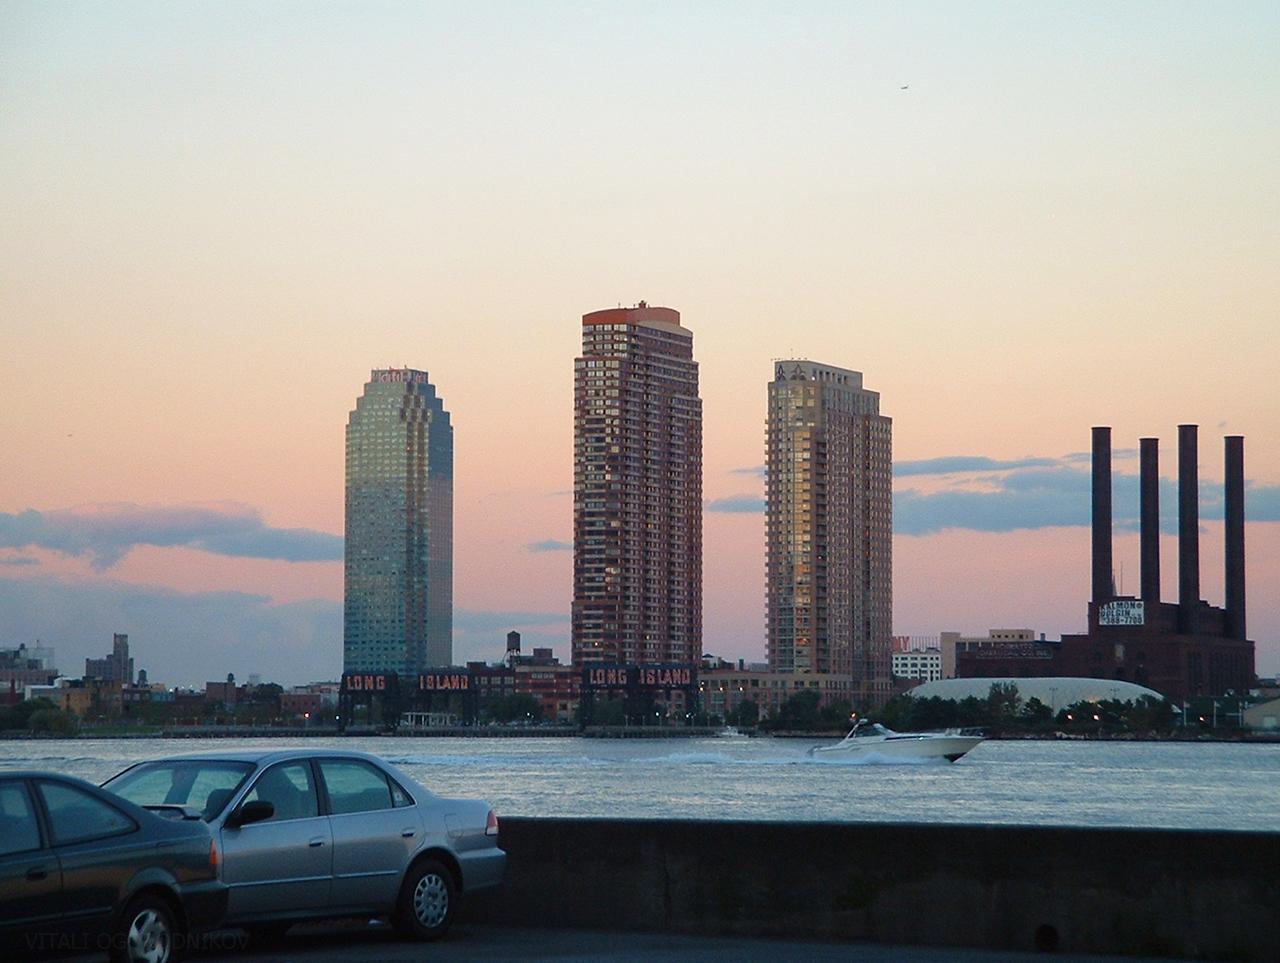 Meet Singles Over 50 in Long Island City NY